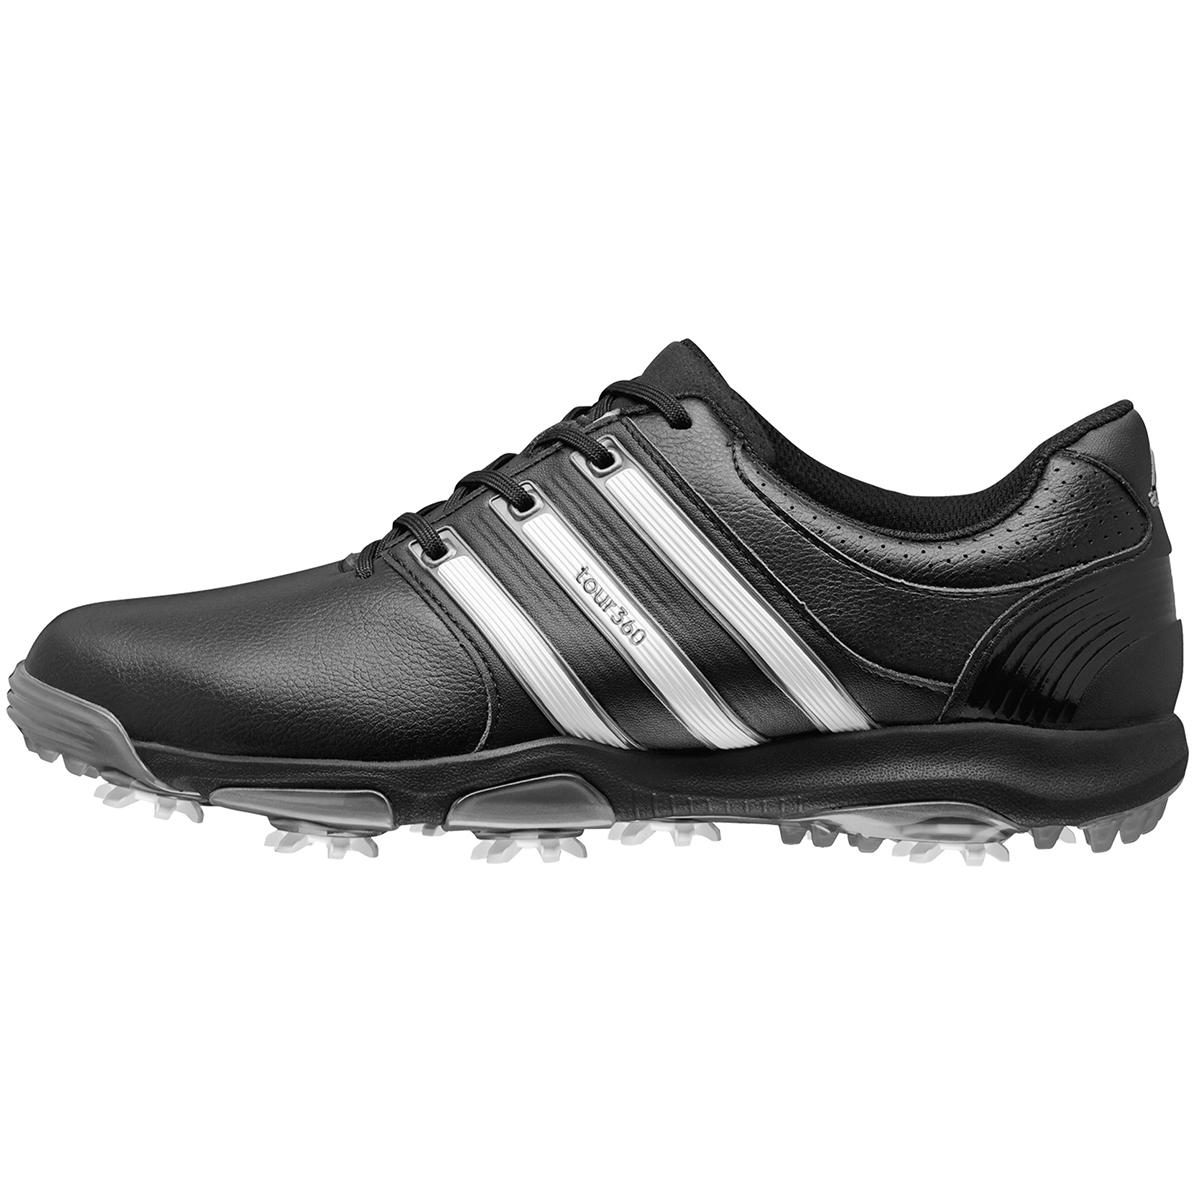 Chillido rosado Decimal  adidas Golf Tour 360 X 2016 Shoes | Online Golf